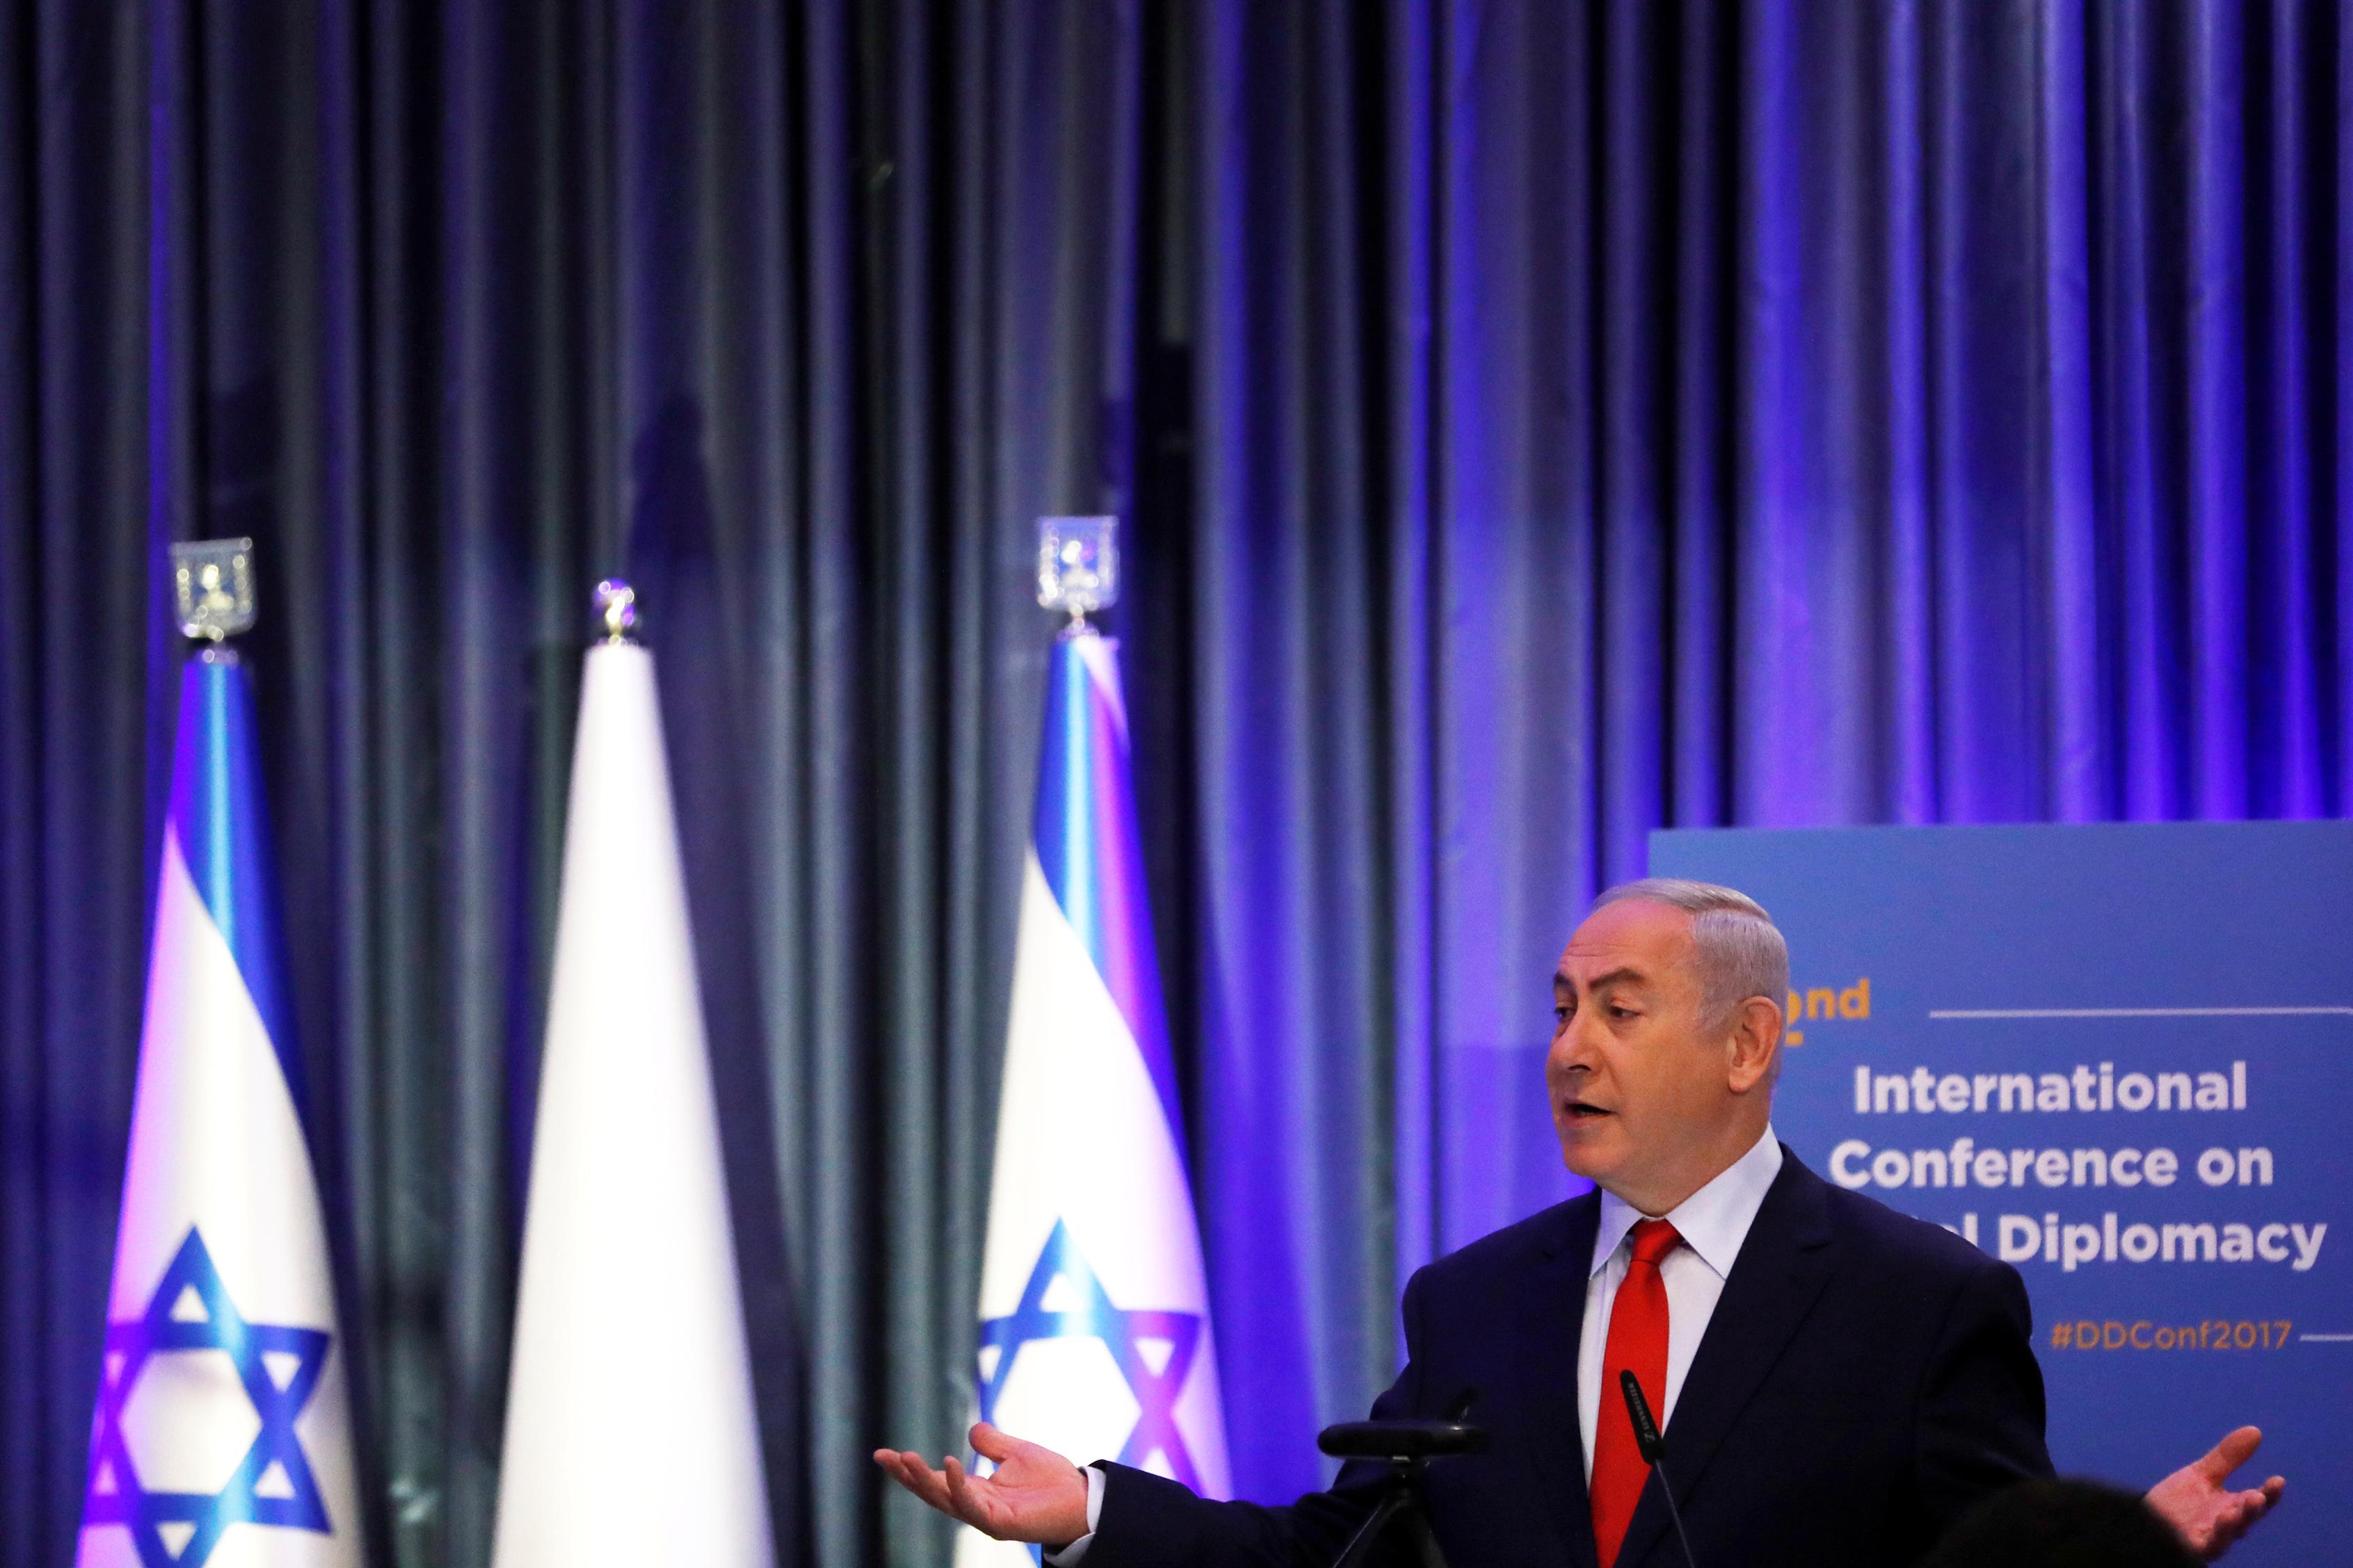 بنيامين نتانياهو فى مؤتمر بالقدس